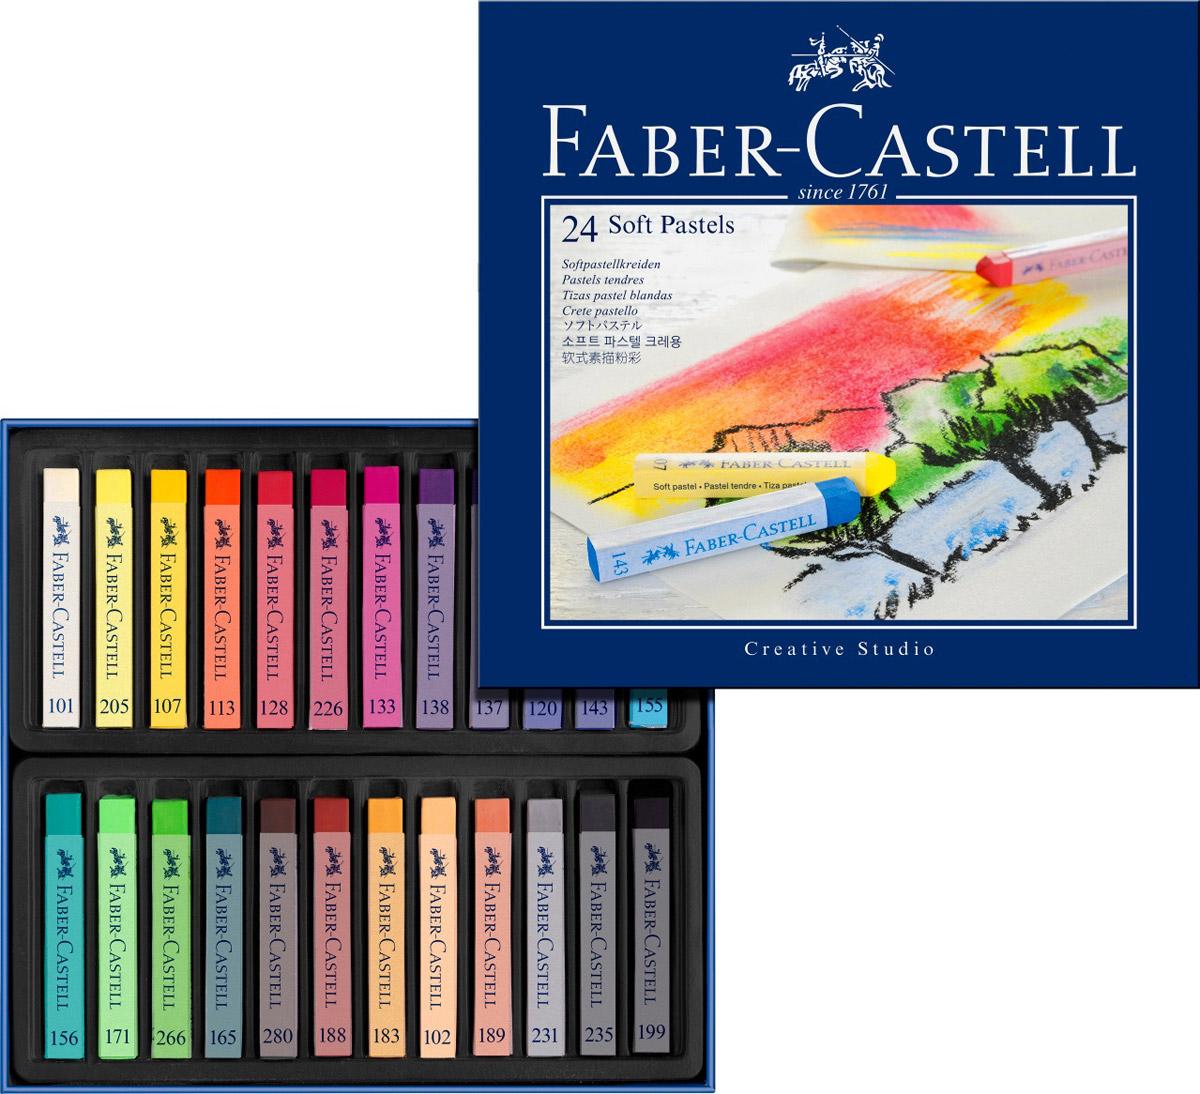 Мягкие мелки Faber-Castell Studio Quality Soft Pastels, 24 штFS-36052Набор Faber-Castell Studio Quality Soft Pastels содержит мягкие мелки квадратной формы 24 ярких насыщенных цветов. Каждый мелок обернут в бумажную гильзу. Мелки великолепного качества не крошатся при работе, обладают отличными кроющими свойствами, обеспечивают хорошее сцепление с поверхностью, яркость и долговечность изображения. Мягкими мелками Faber-Castell Studio Quality Soft Pastels можно рисовать в любой технике, сочетая их с цветными карандашами и красками.